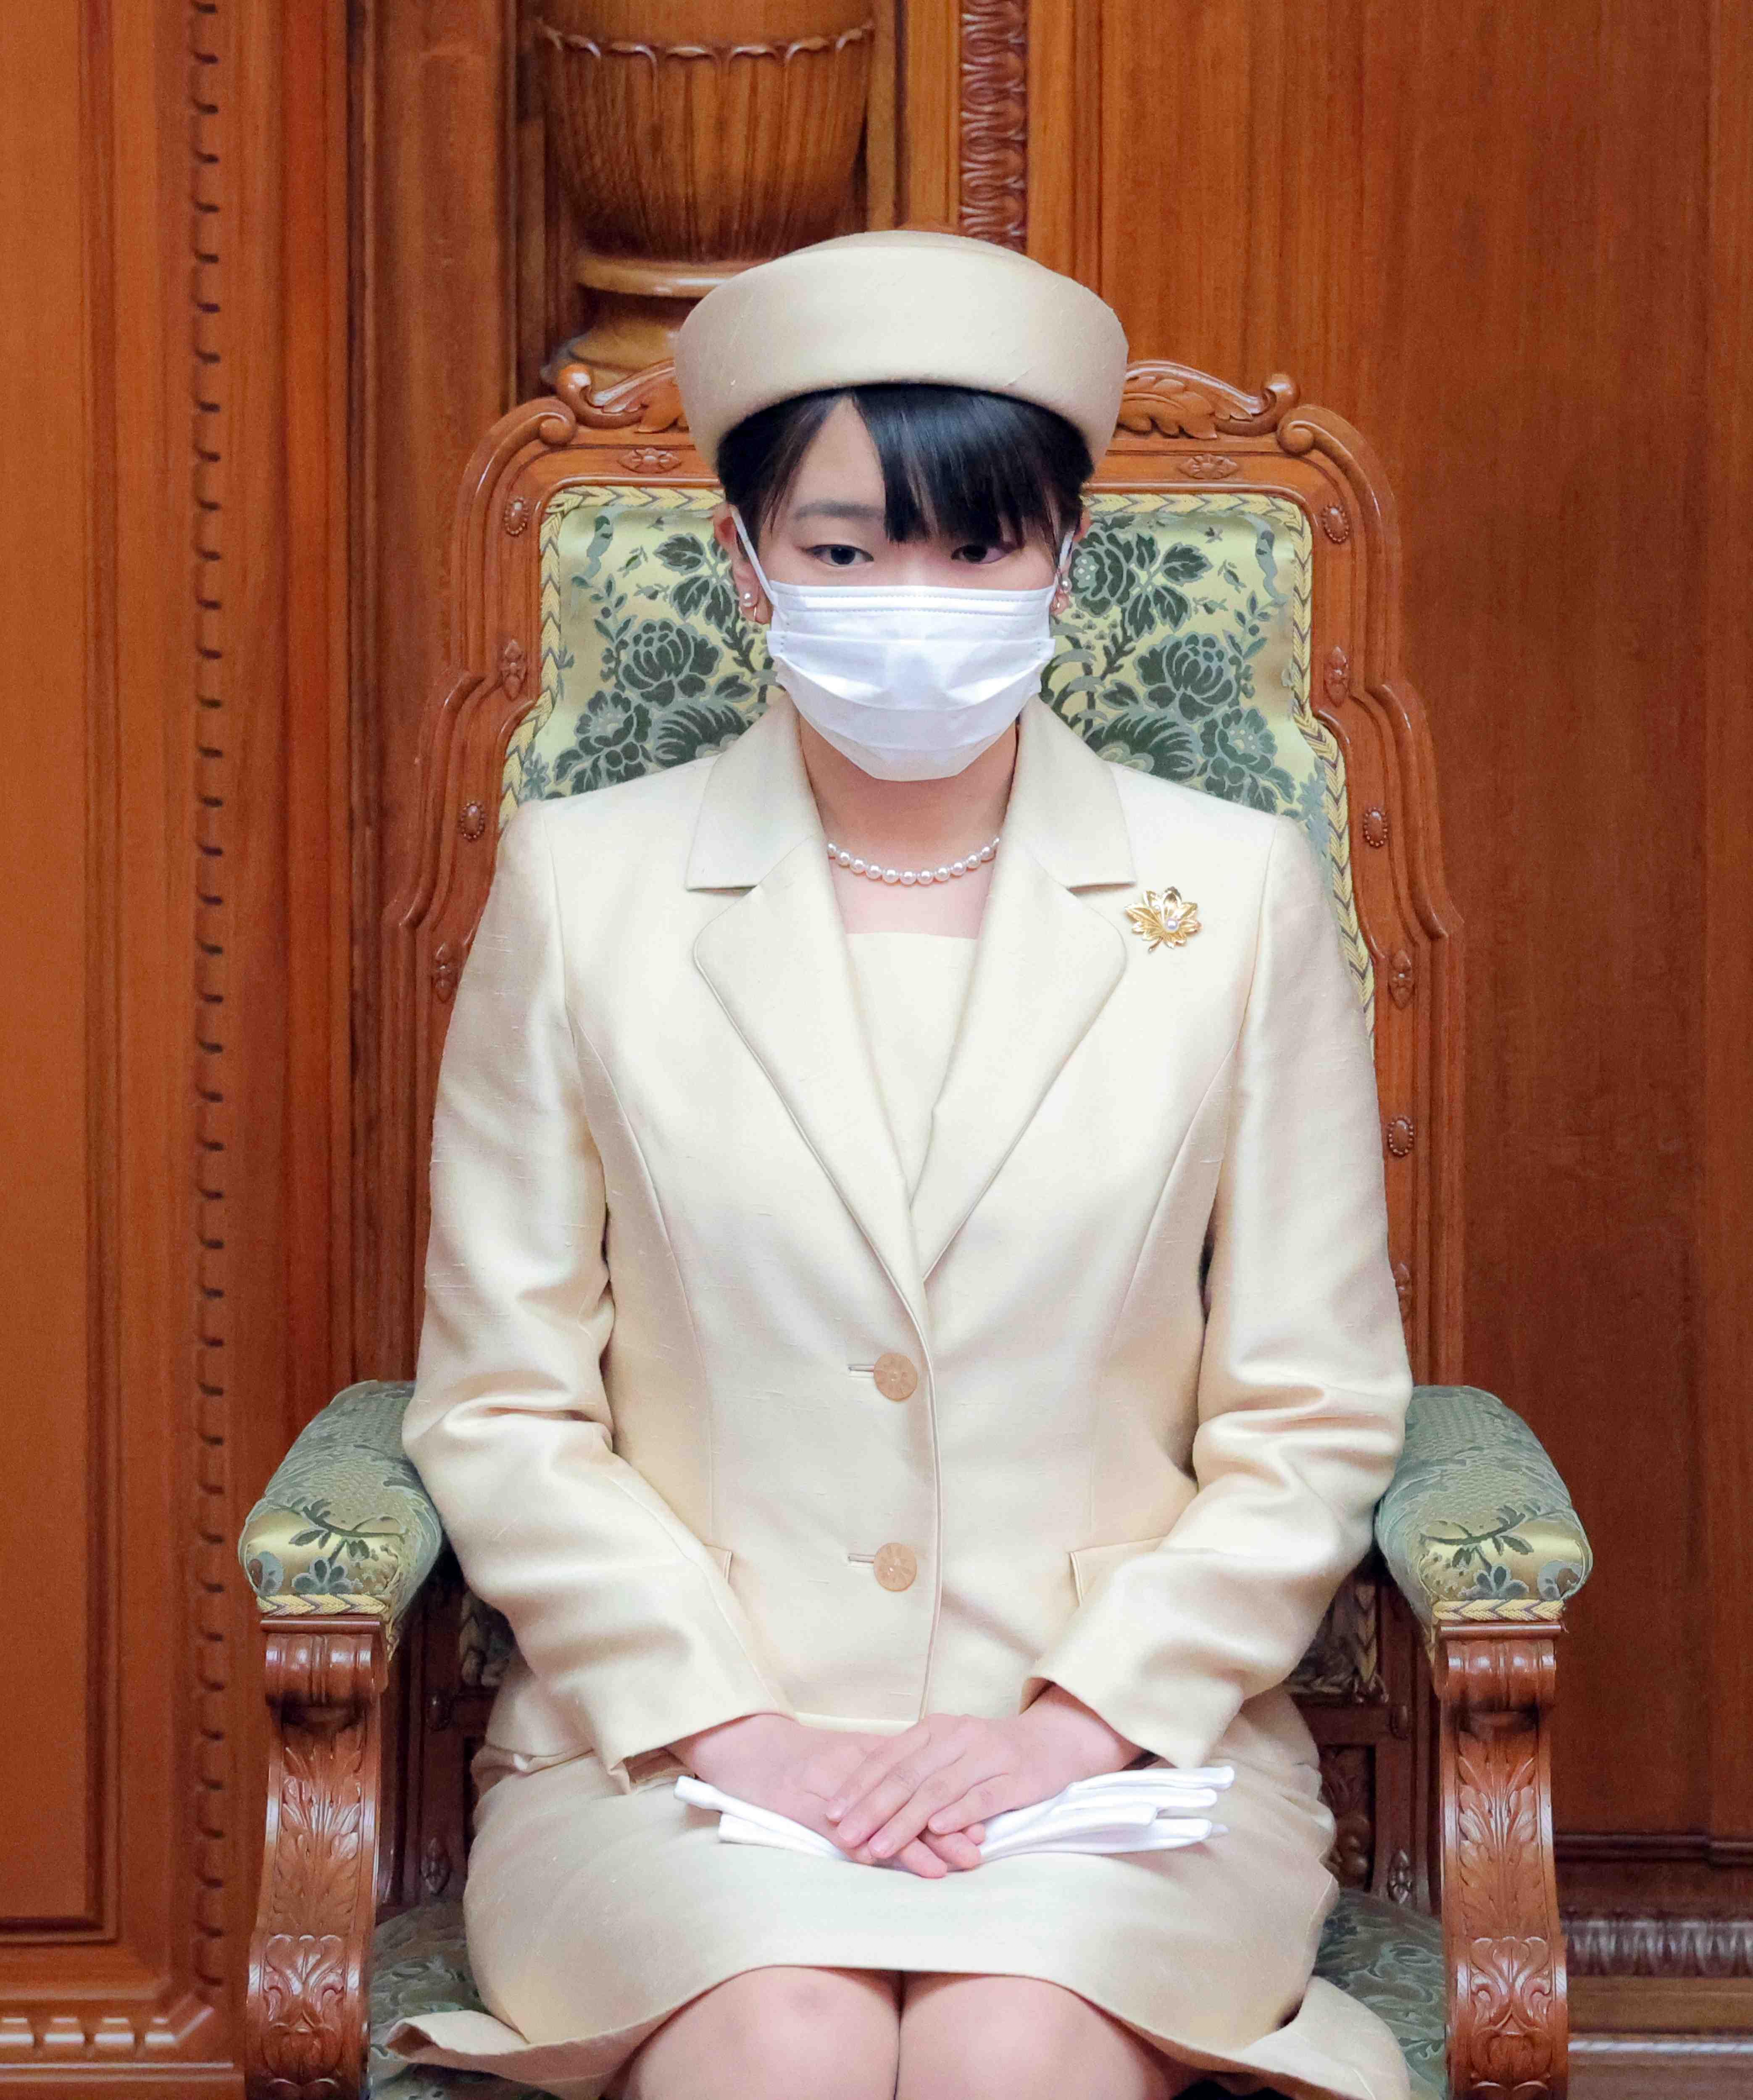 Crown Prince Akishino and Princess Mako